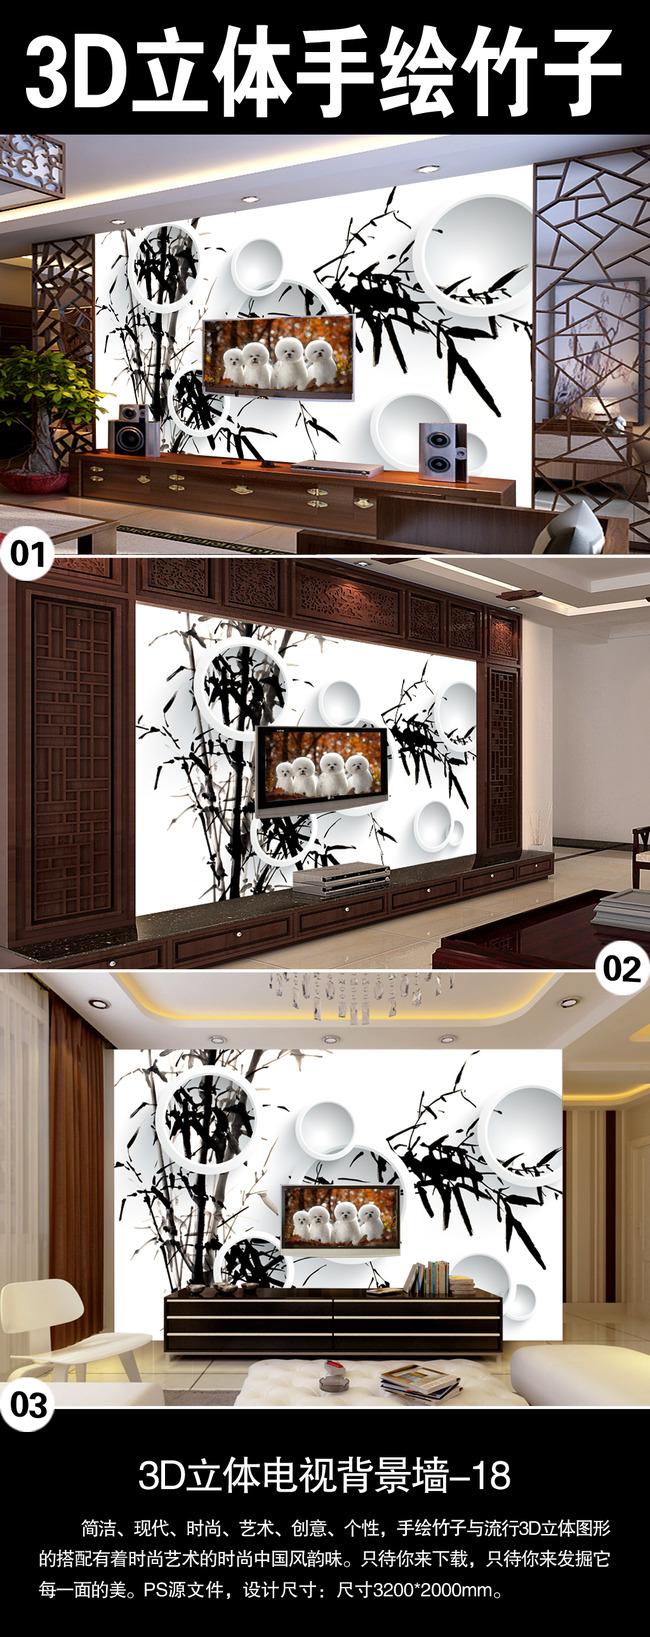 3d立体创意手绘黑白竹子电视背景墙设计